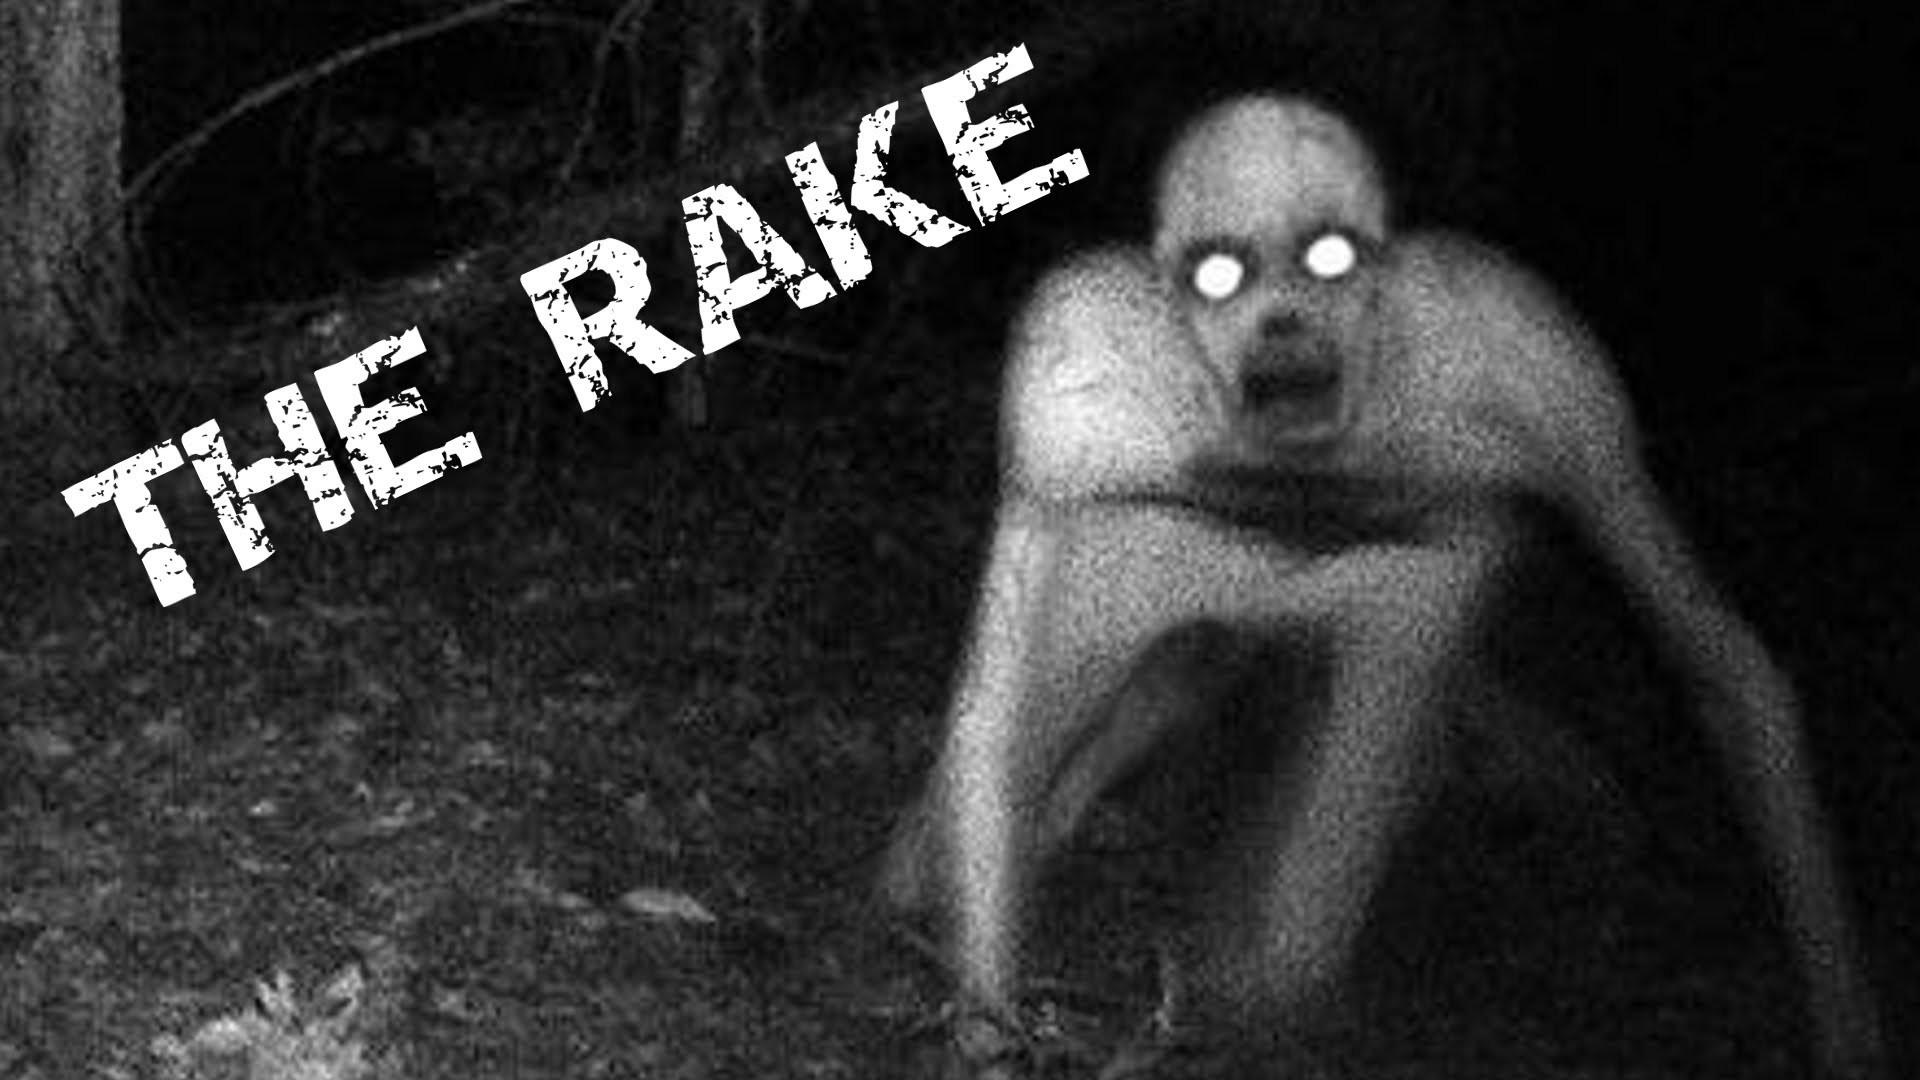 The Rake – Creepypasta Reading